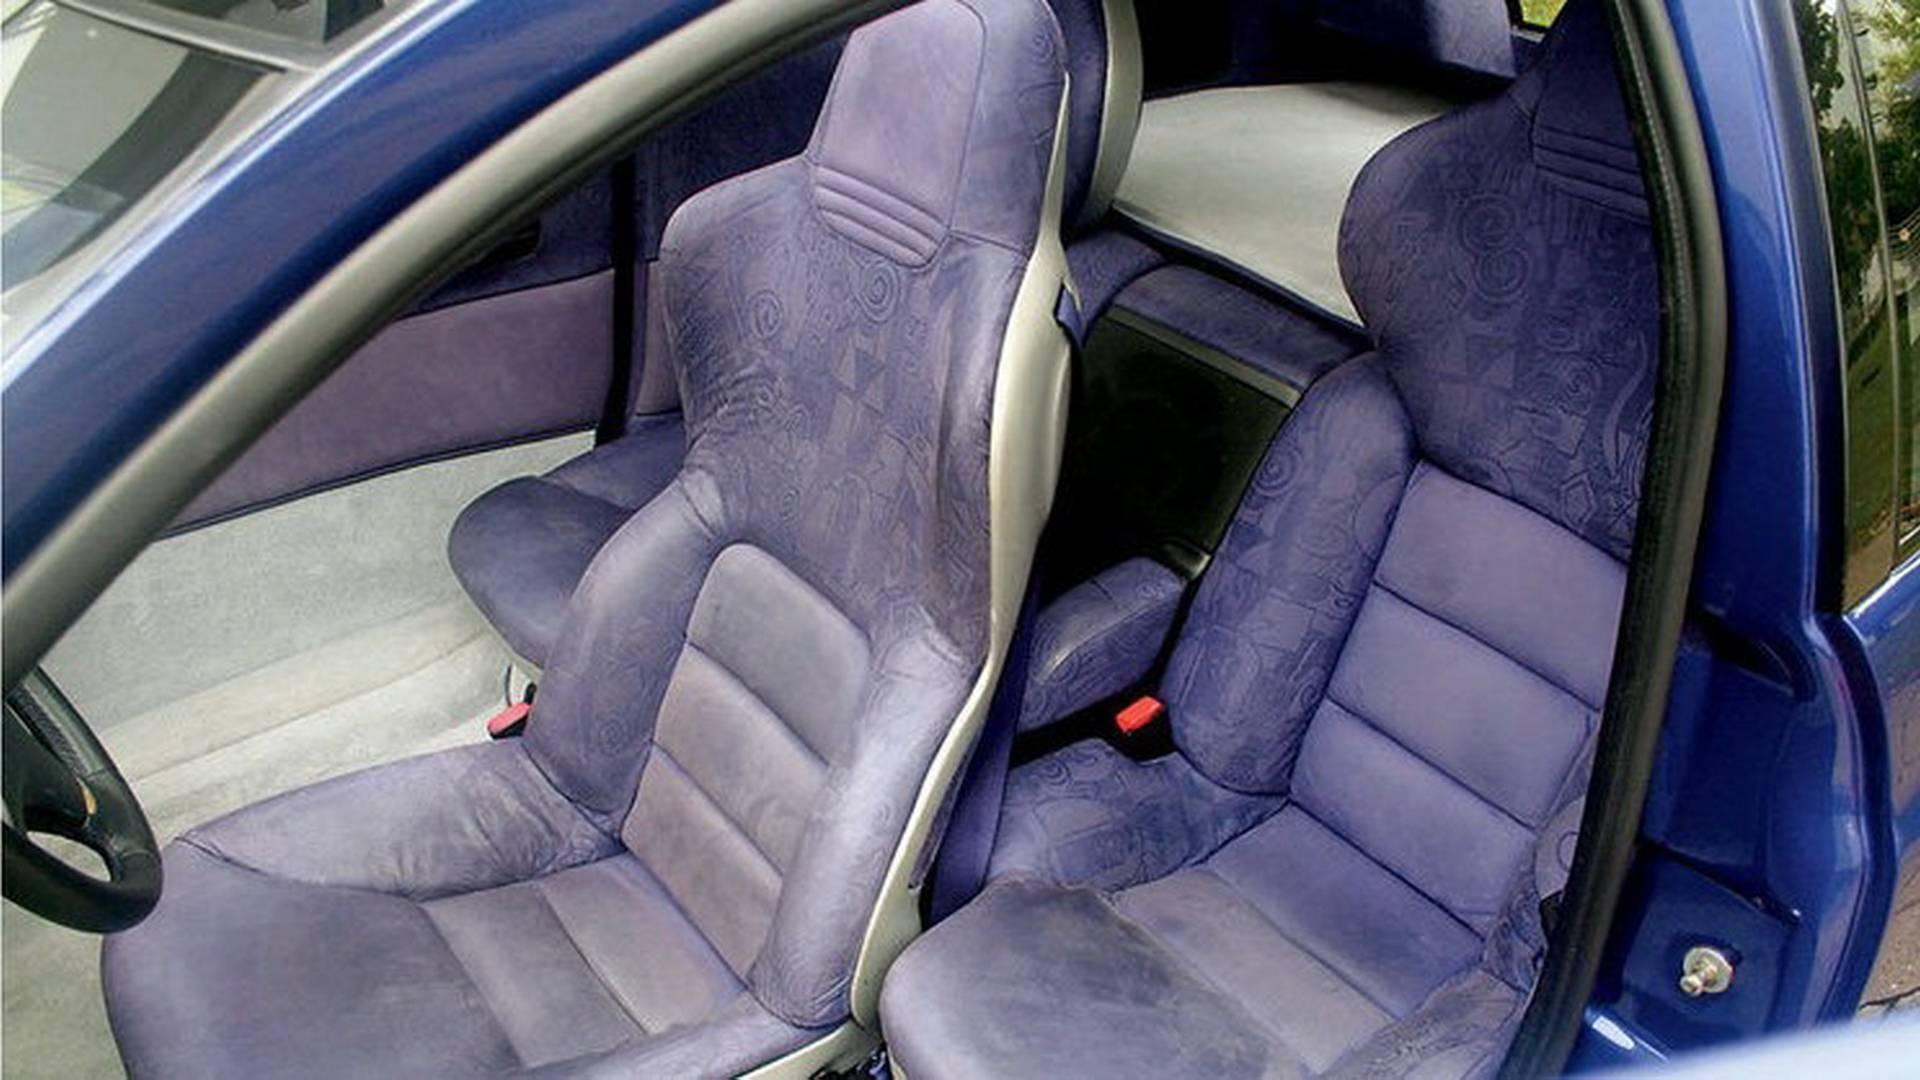 5a4ce4088beb0 1993 bmw z13 concept بی ام و Z13 مدل ۱۹۹۳ نقد این خودرو قدیمی   اجاره ماشین